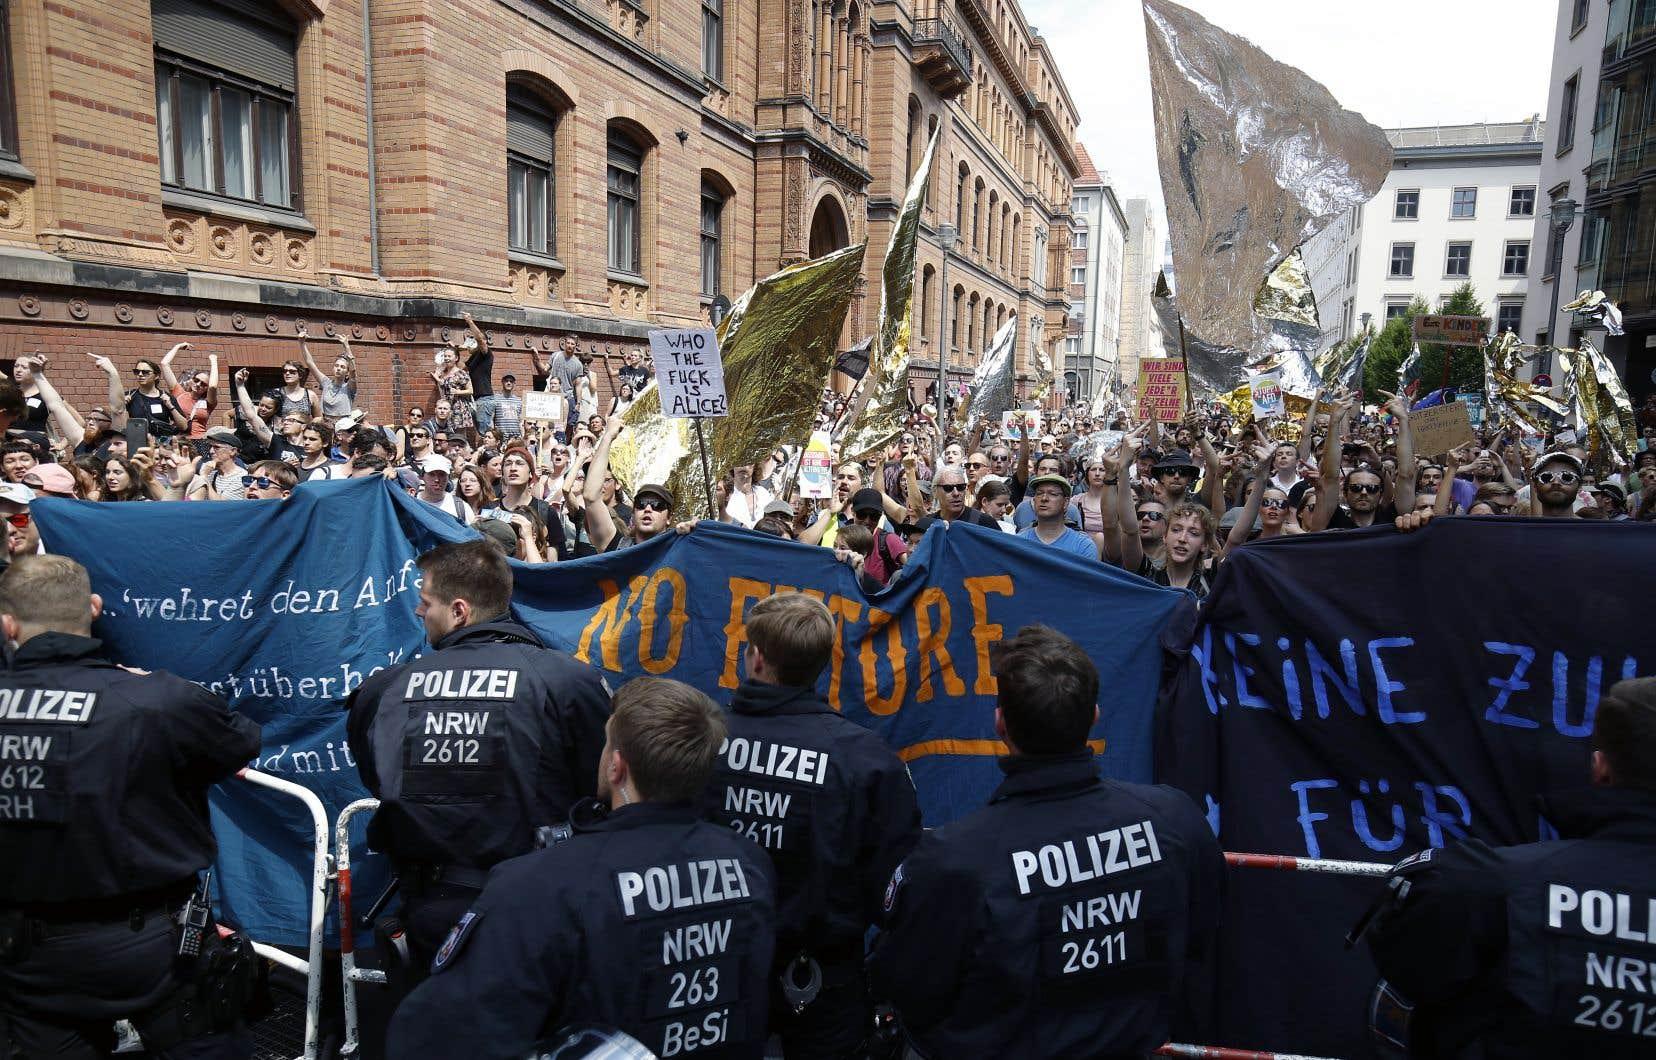 Les contre-manifestants étaient près de cinq fois plus nombreux que les partisans de l'extrême droite, selon les estimations de la police.